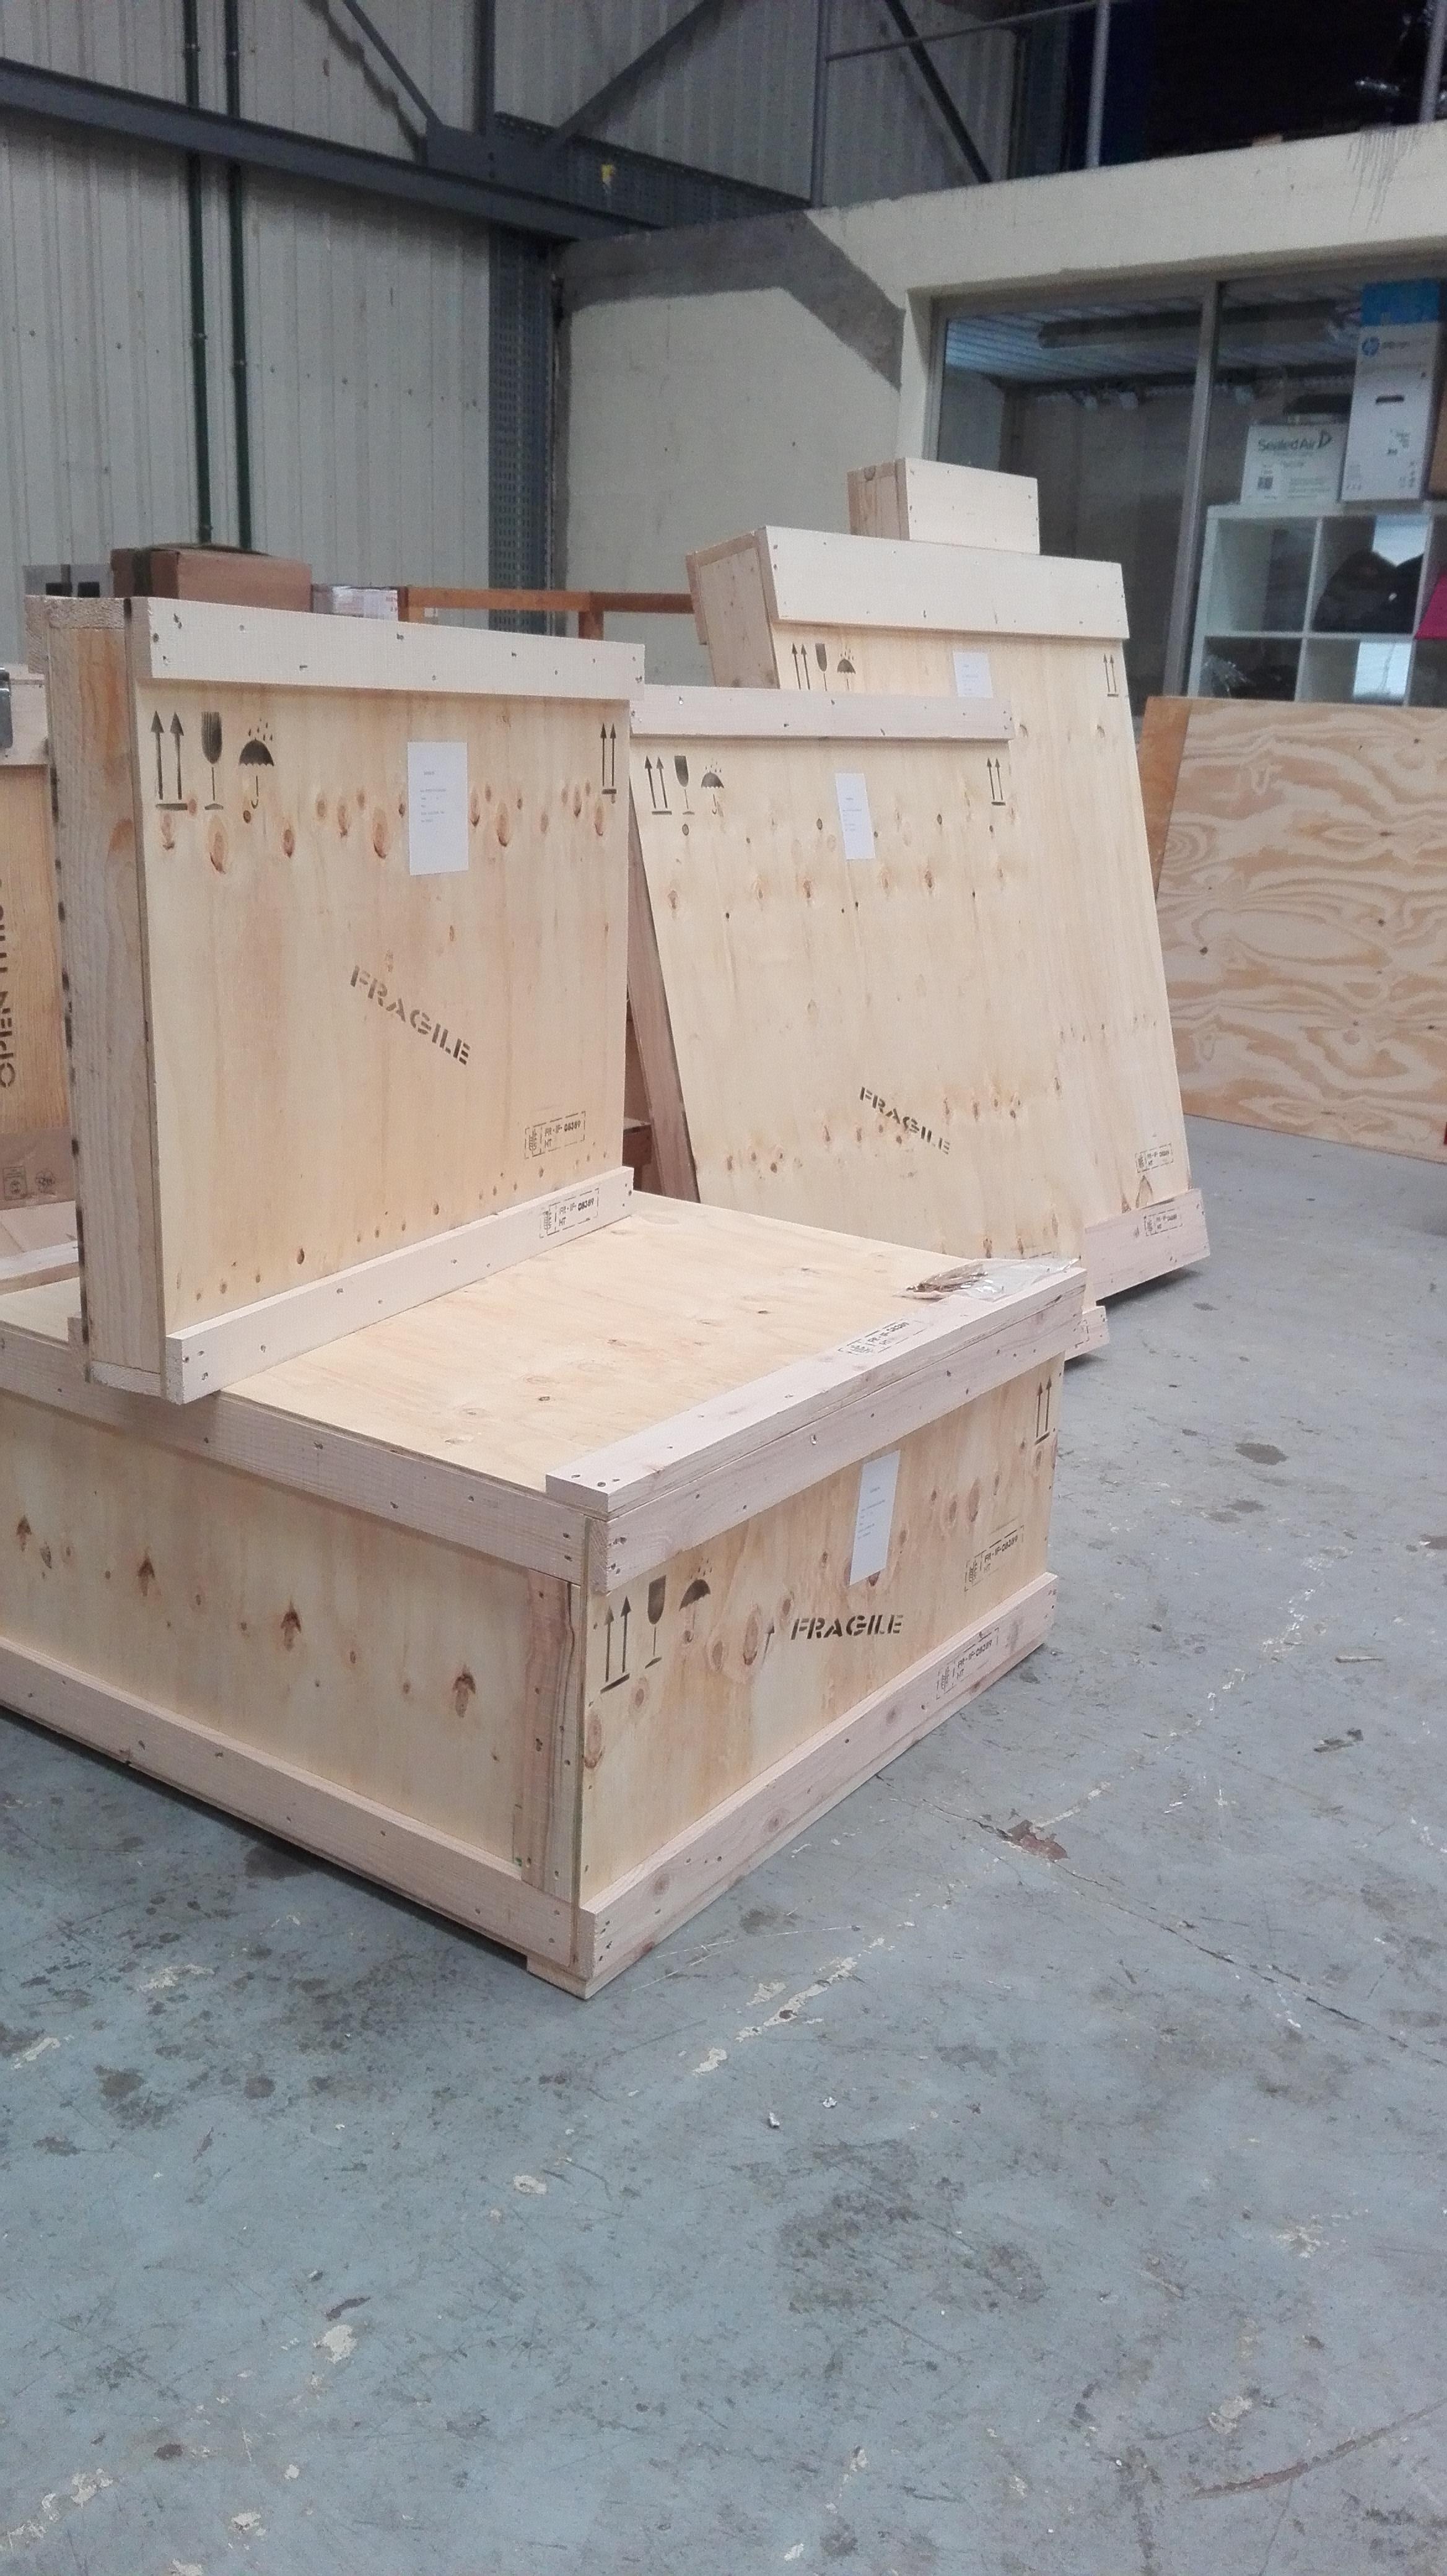 Comment Fabriquer Une Caisse En Bois caisse bois tableau - caisse en bois - paris, 92, 93, 94, 95